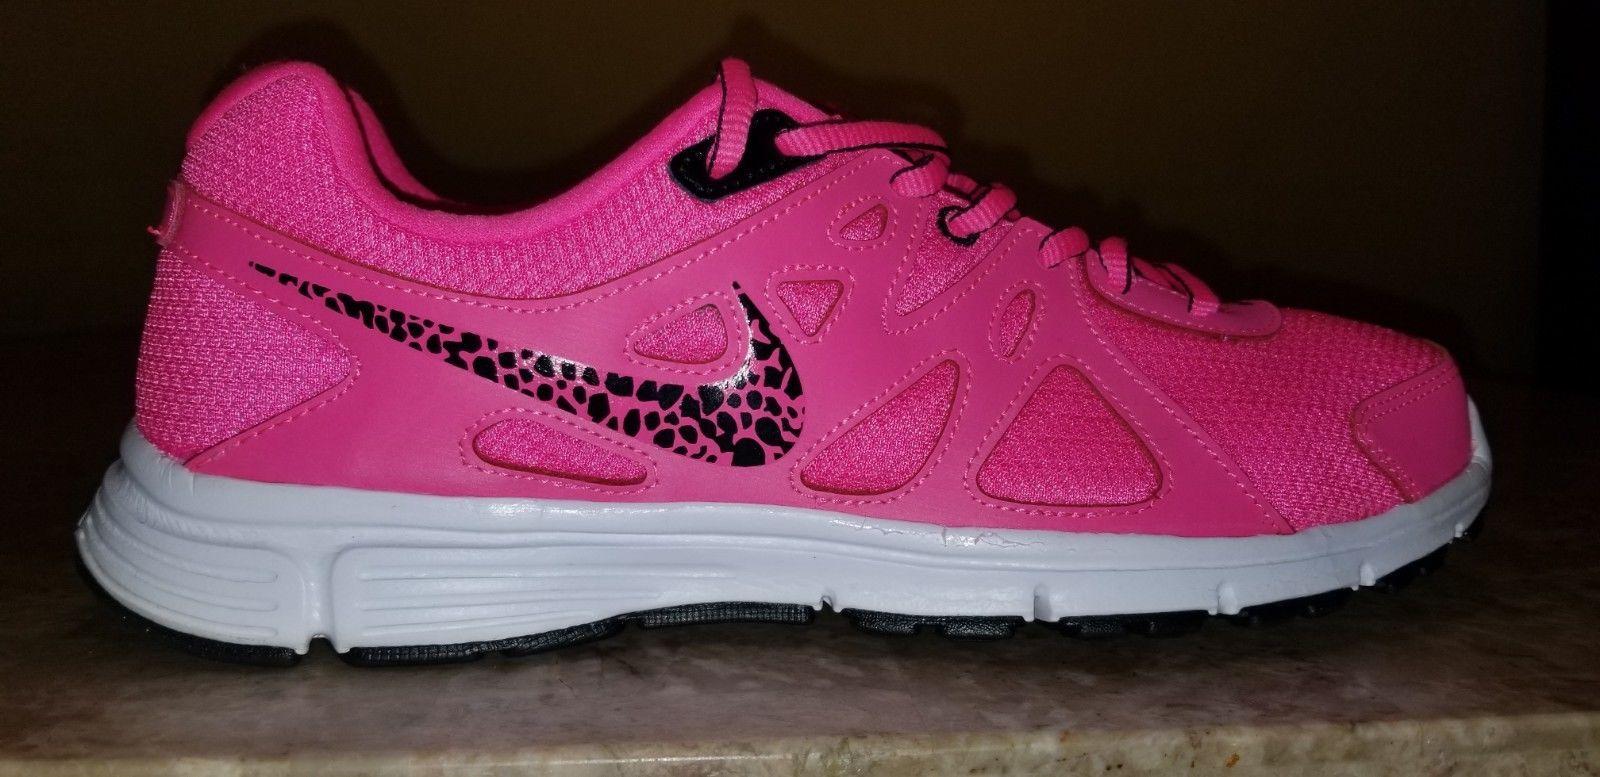 cd0a00596b7b Women's Nike Revolution 2 Sneakers Hot Pink Leopard 554900-605 Size 11 New  884499528371 | eBay